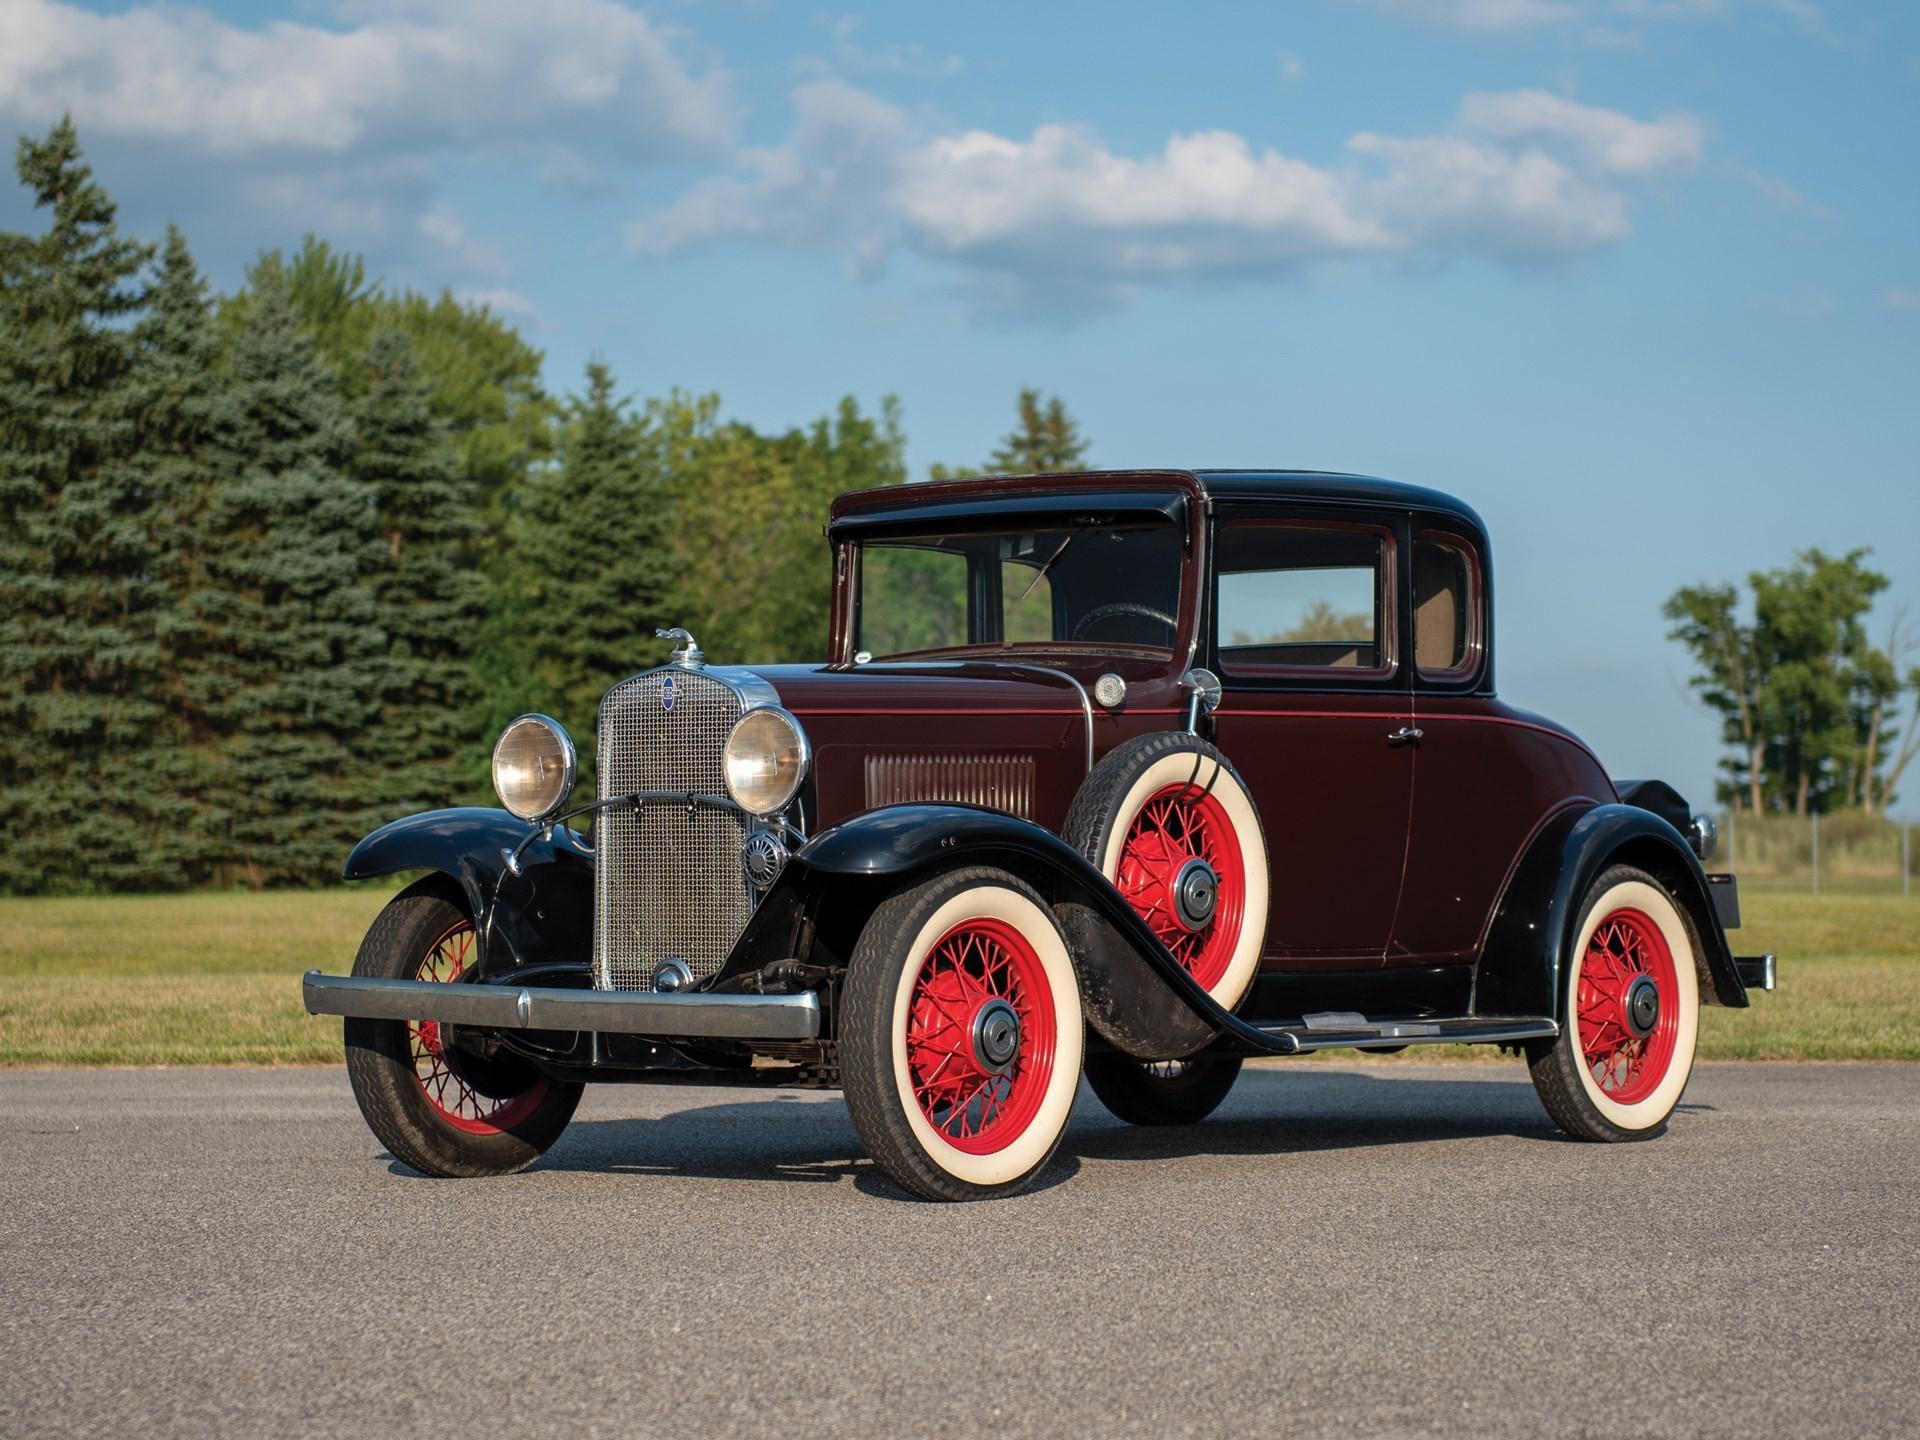 1931 Chevrolet Deluxe Five-Window Sedan